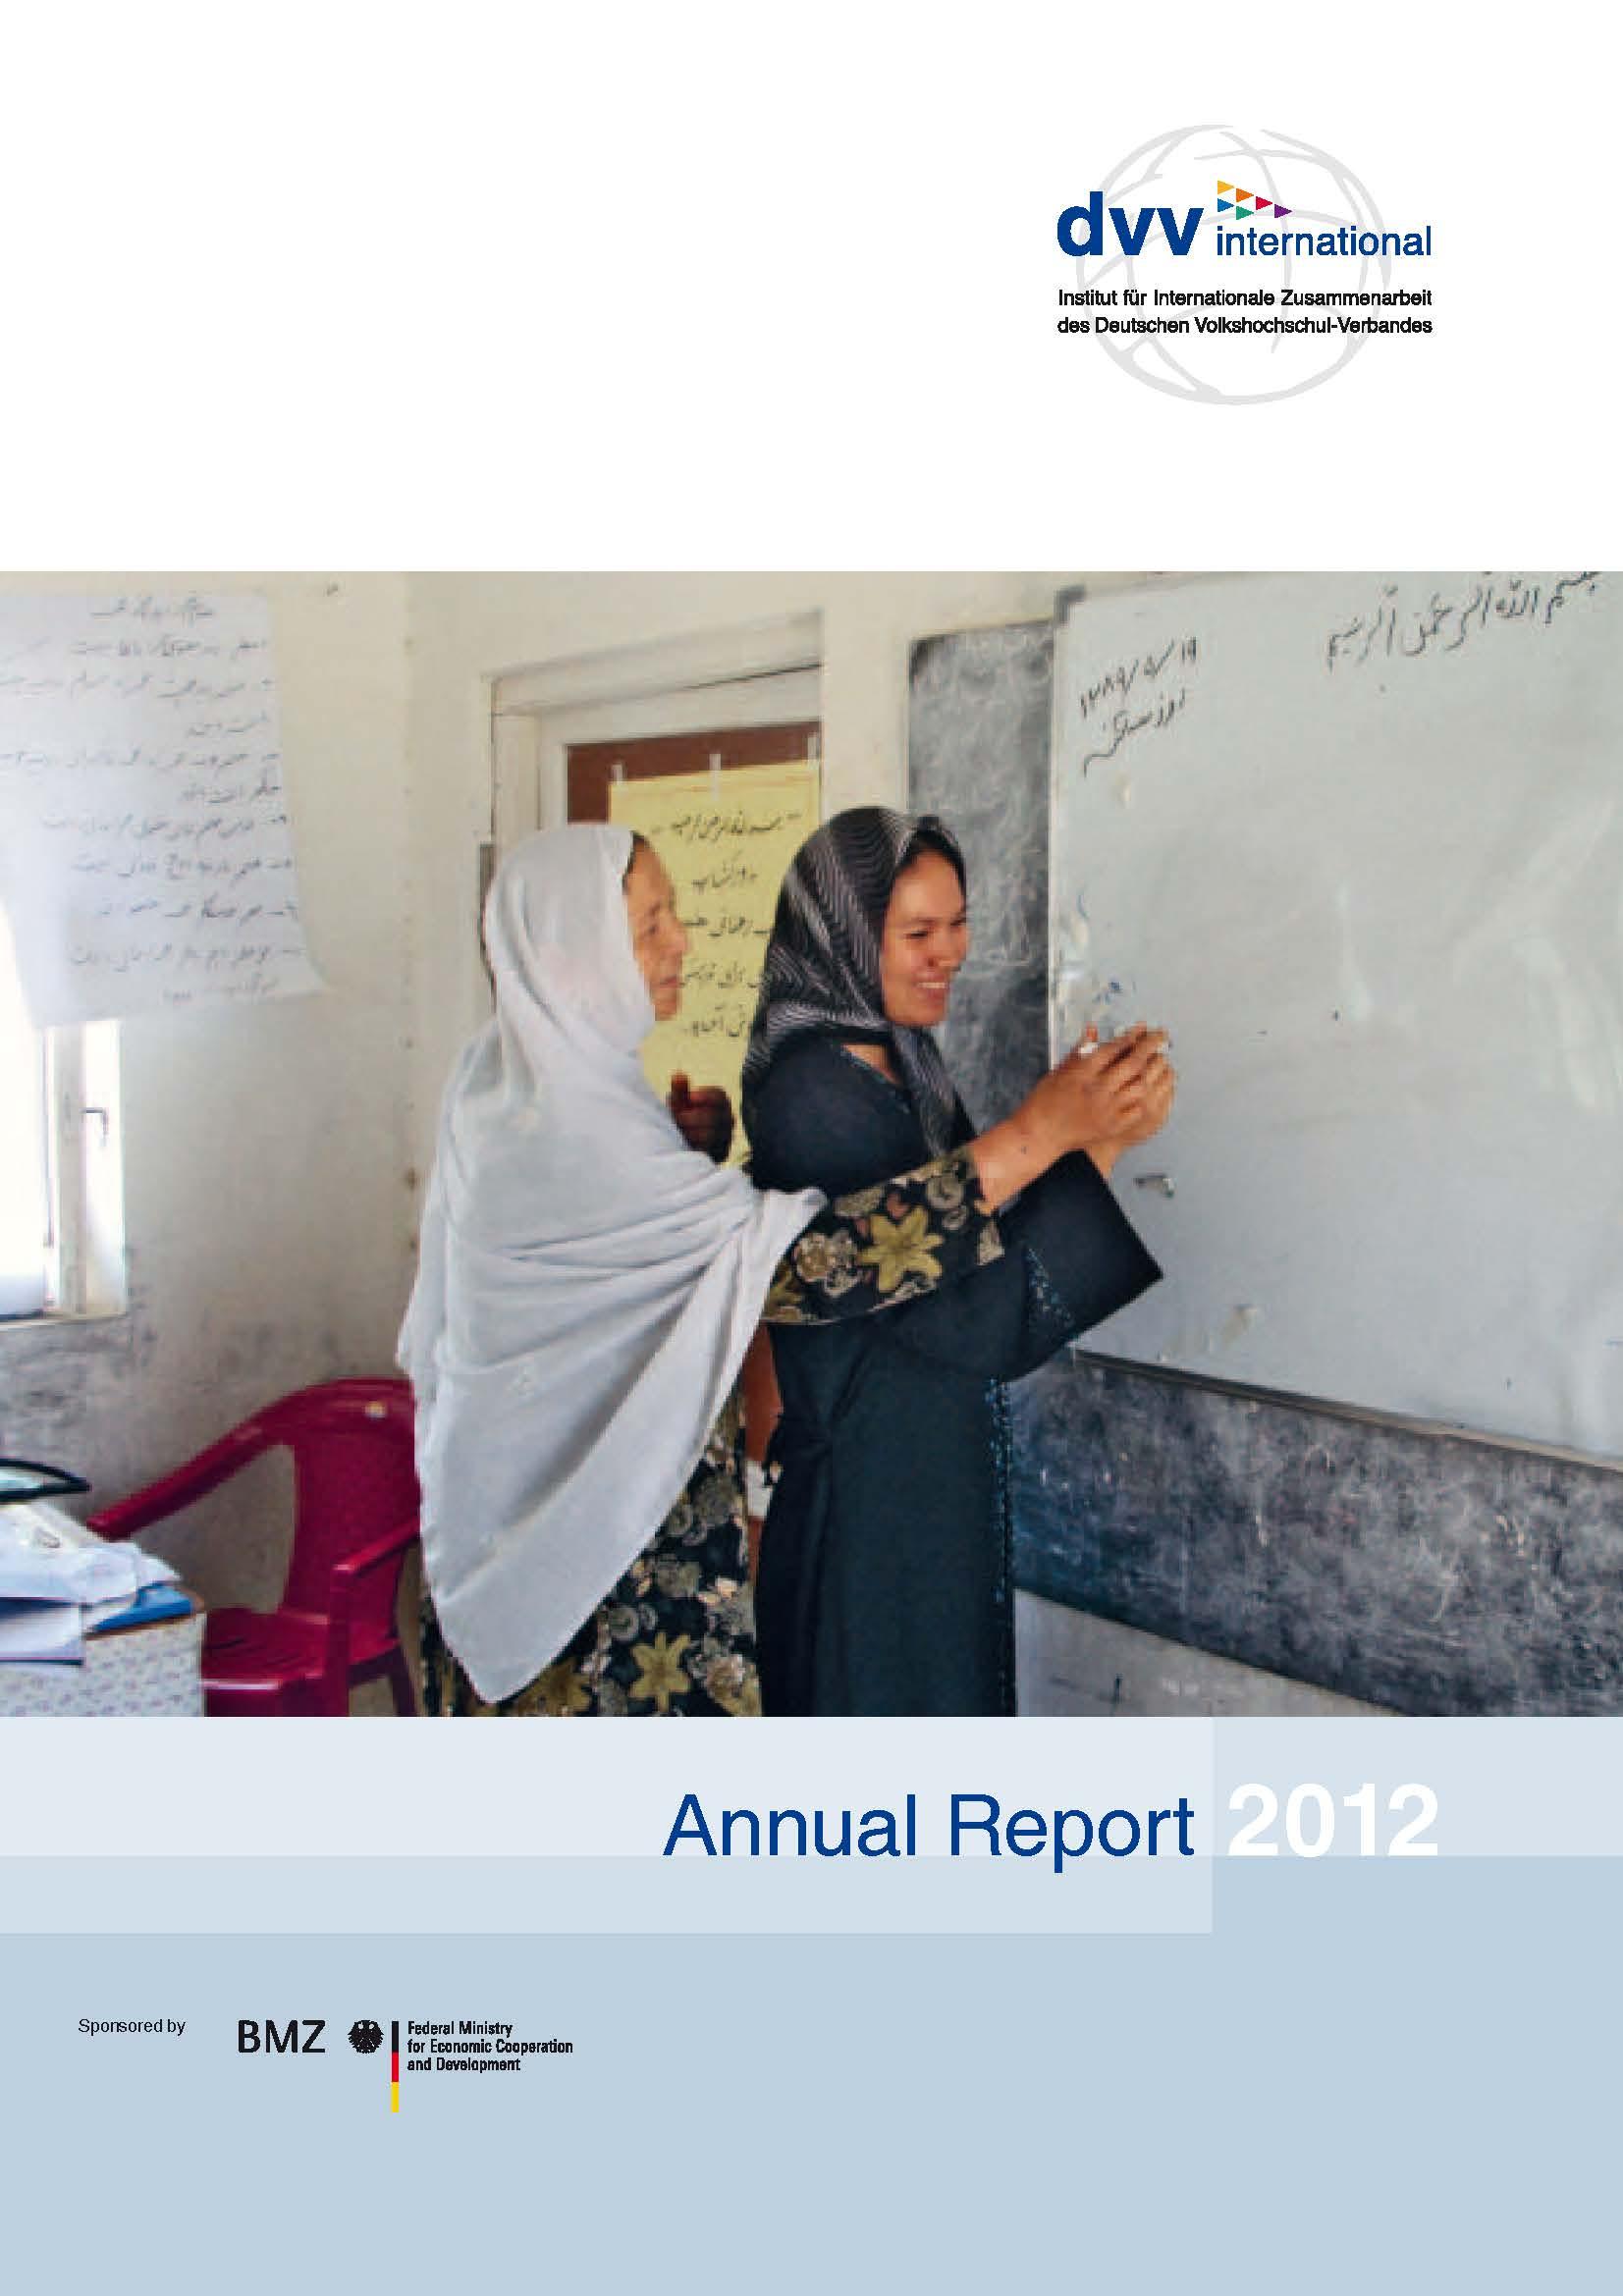 hbl annual report 2012 pdf